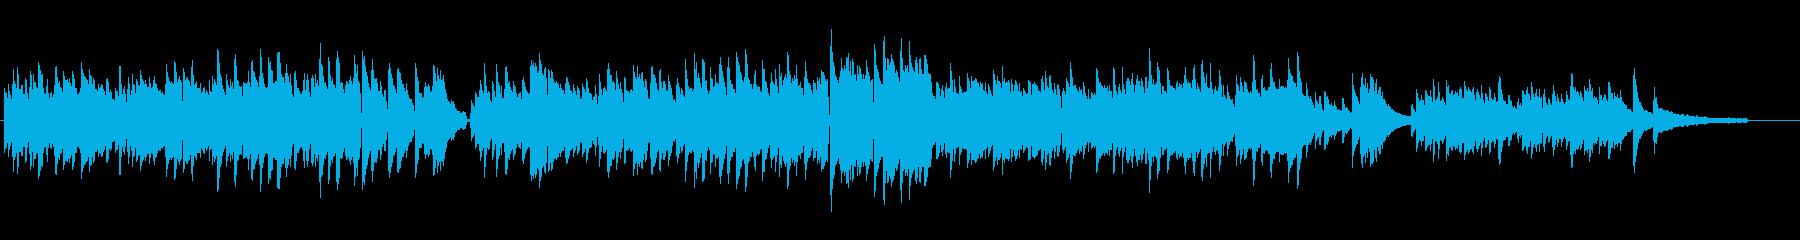 正統派ピアノ曲の再生済みの波形